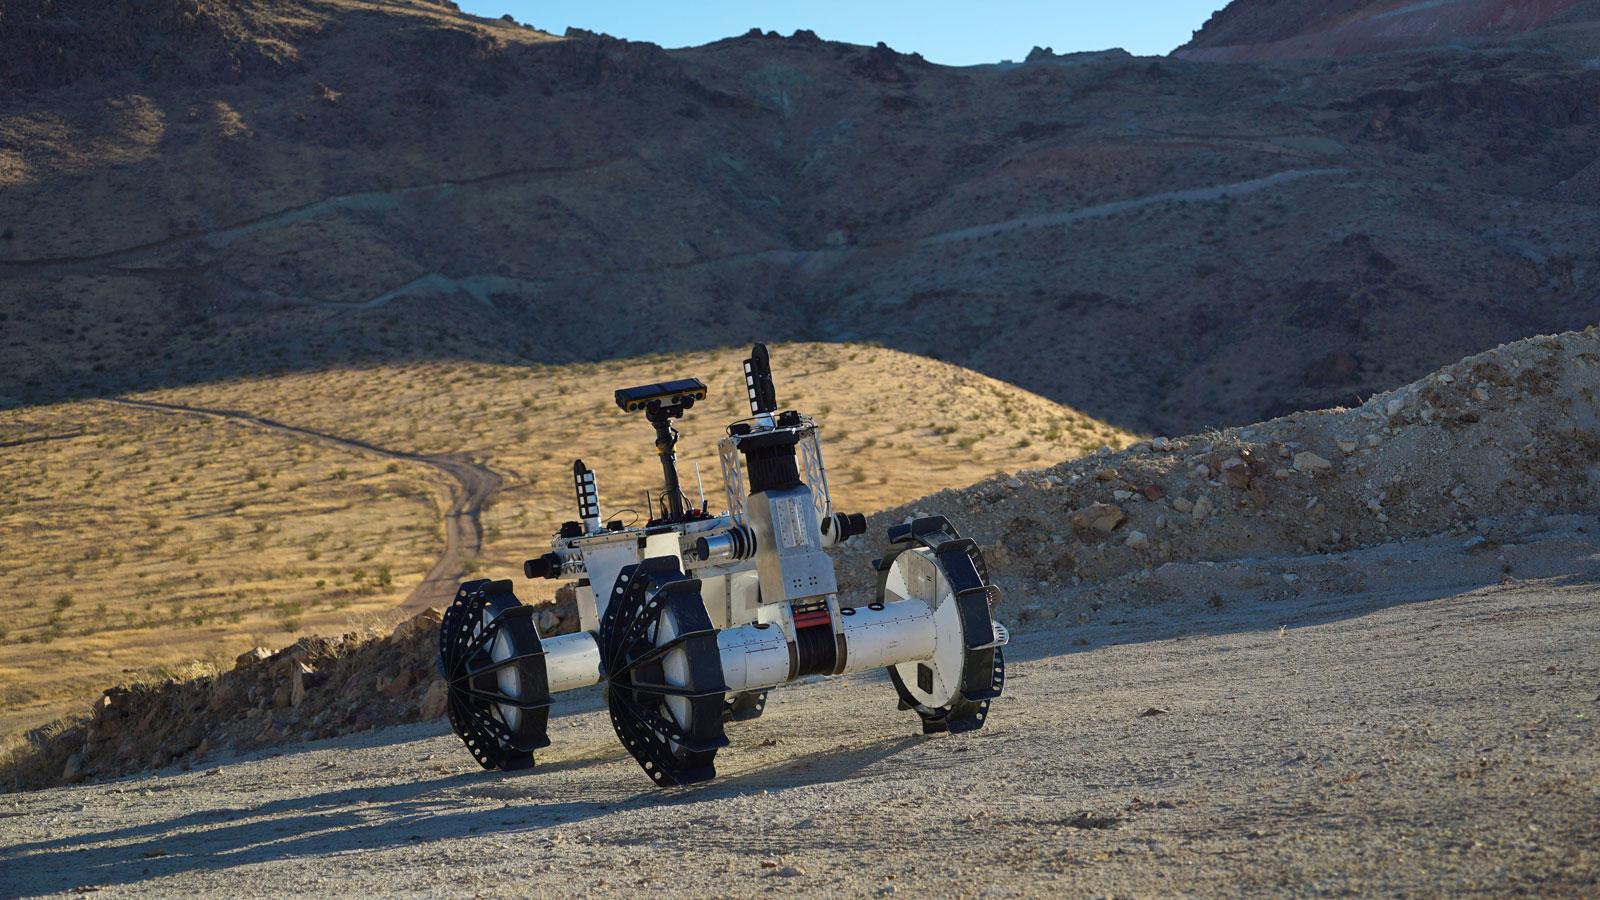 rover duaxel